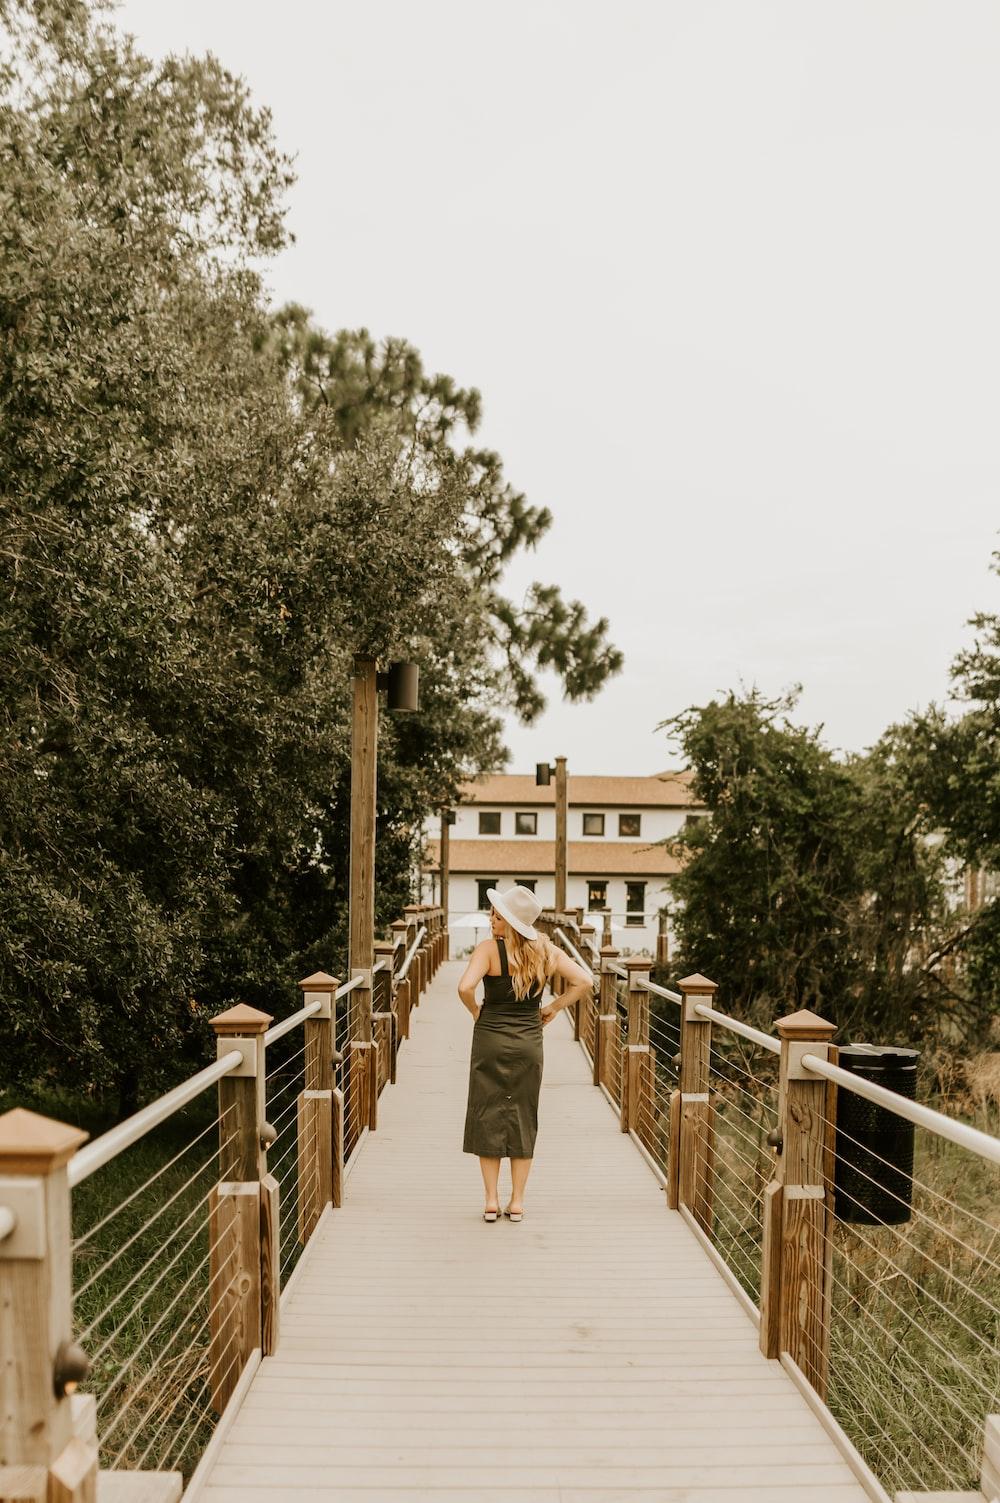 woman in brown coat walking on bridge during daytime